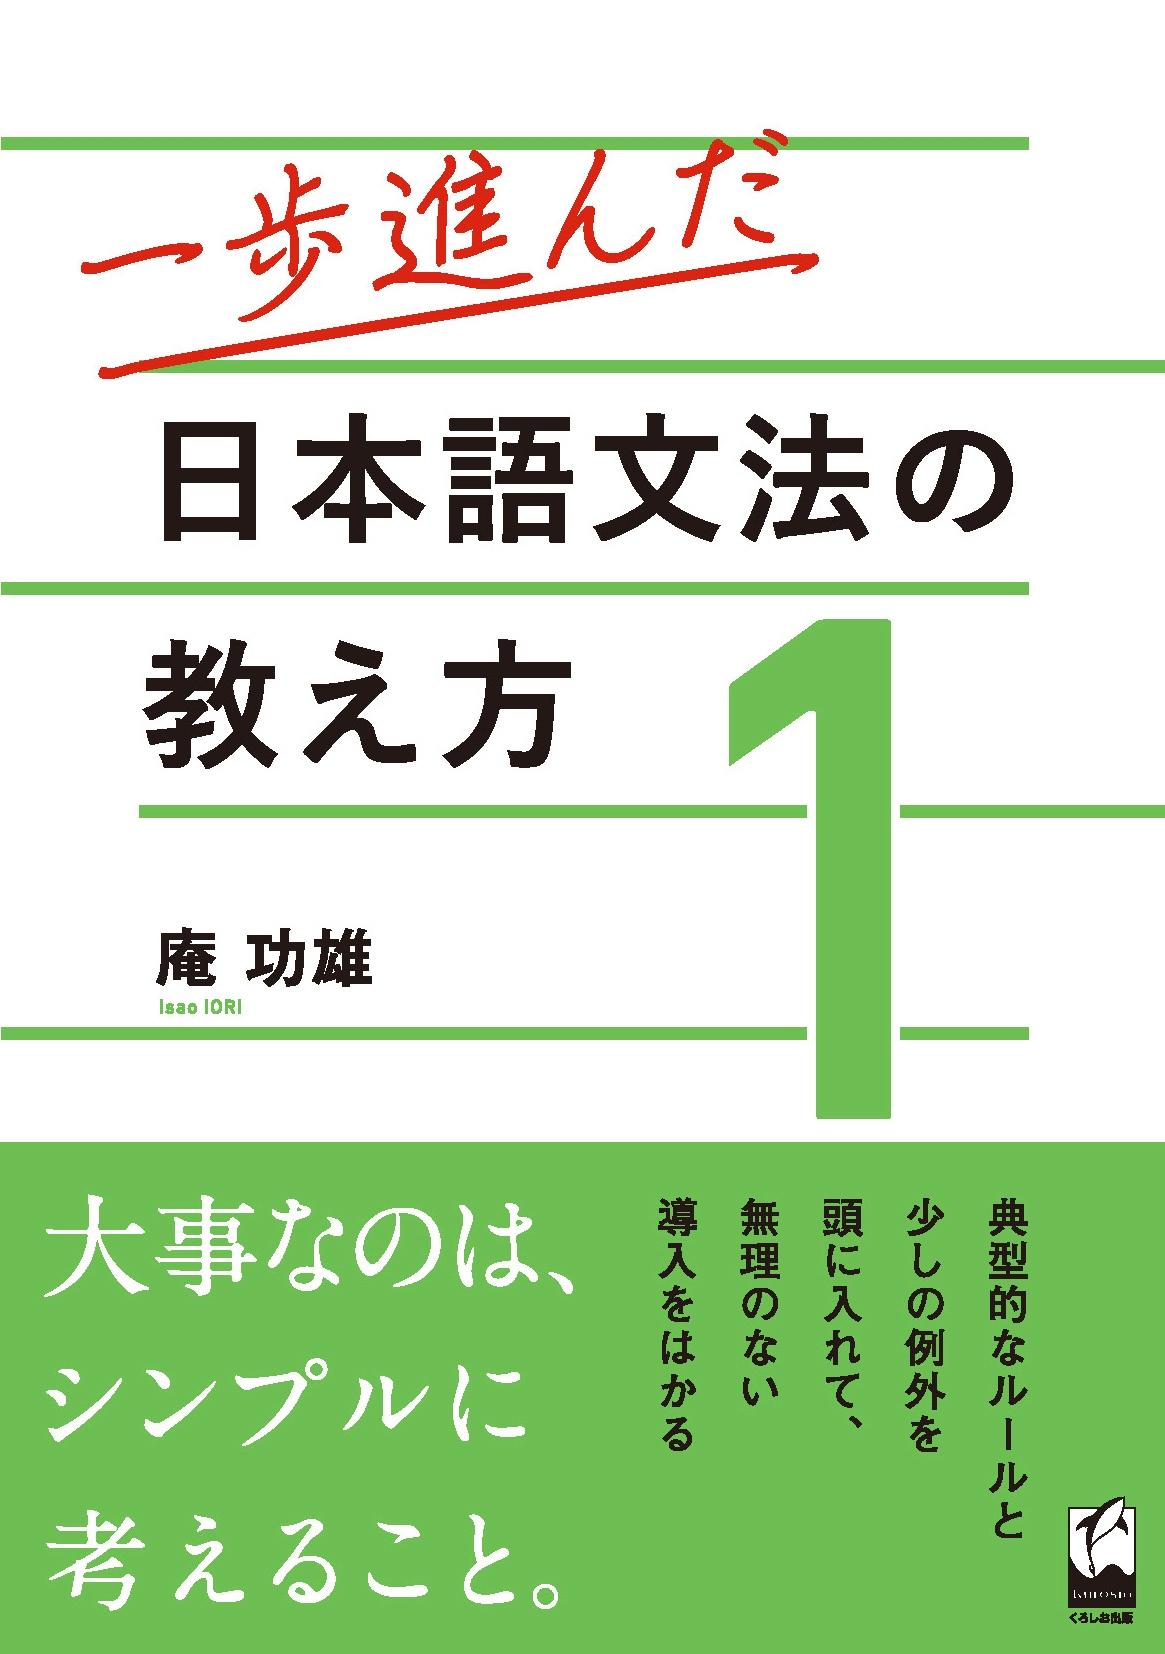 一歩進んだ日本語文法の教え方1画像